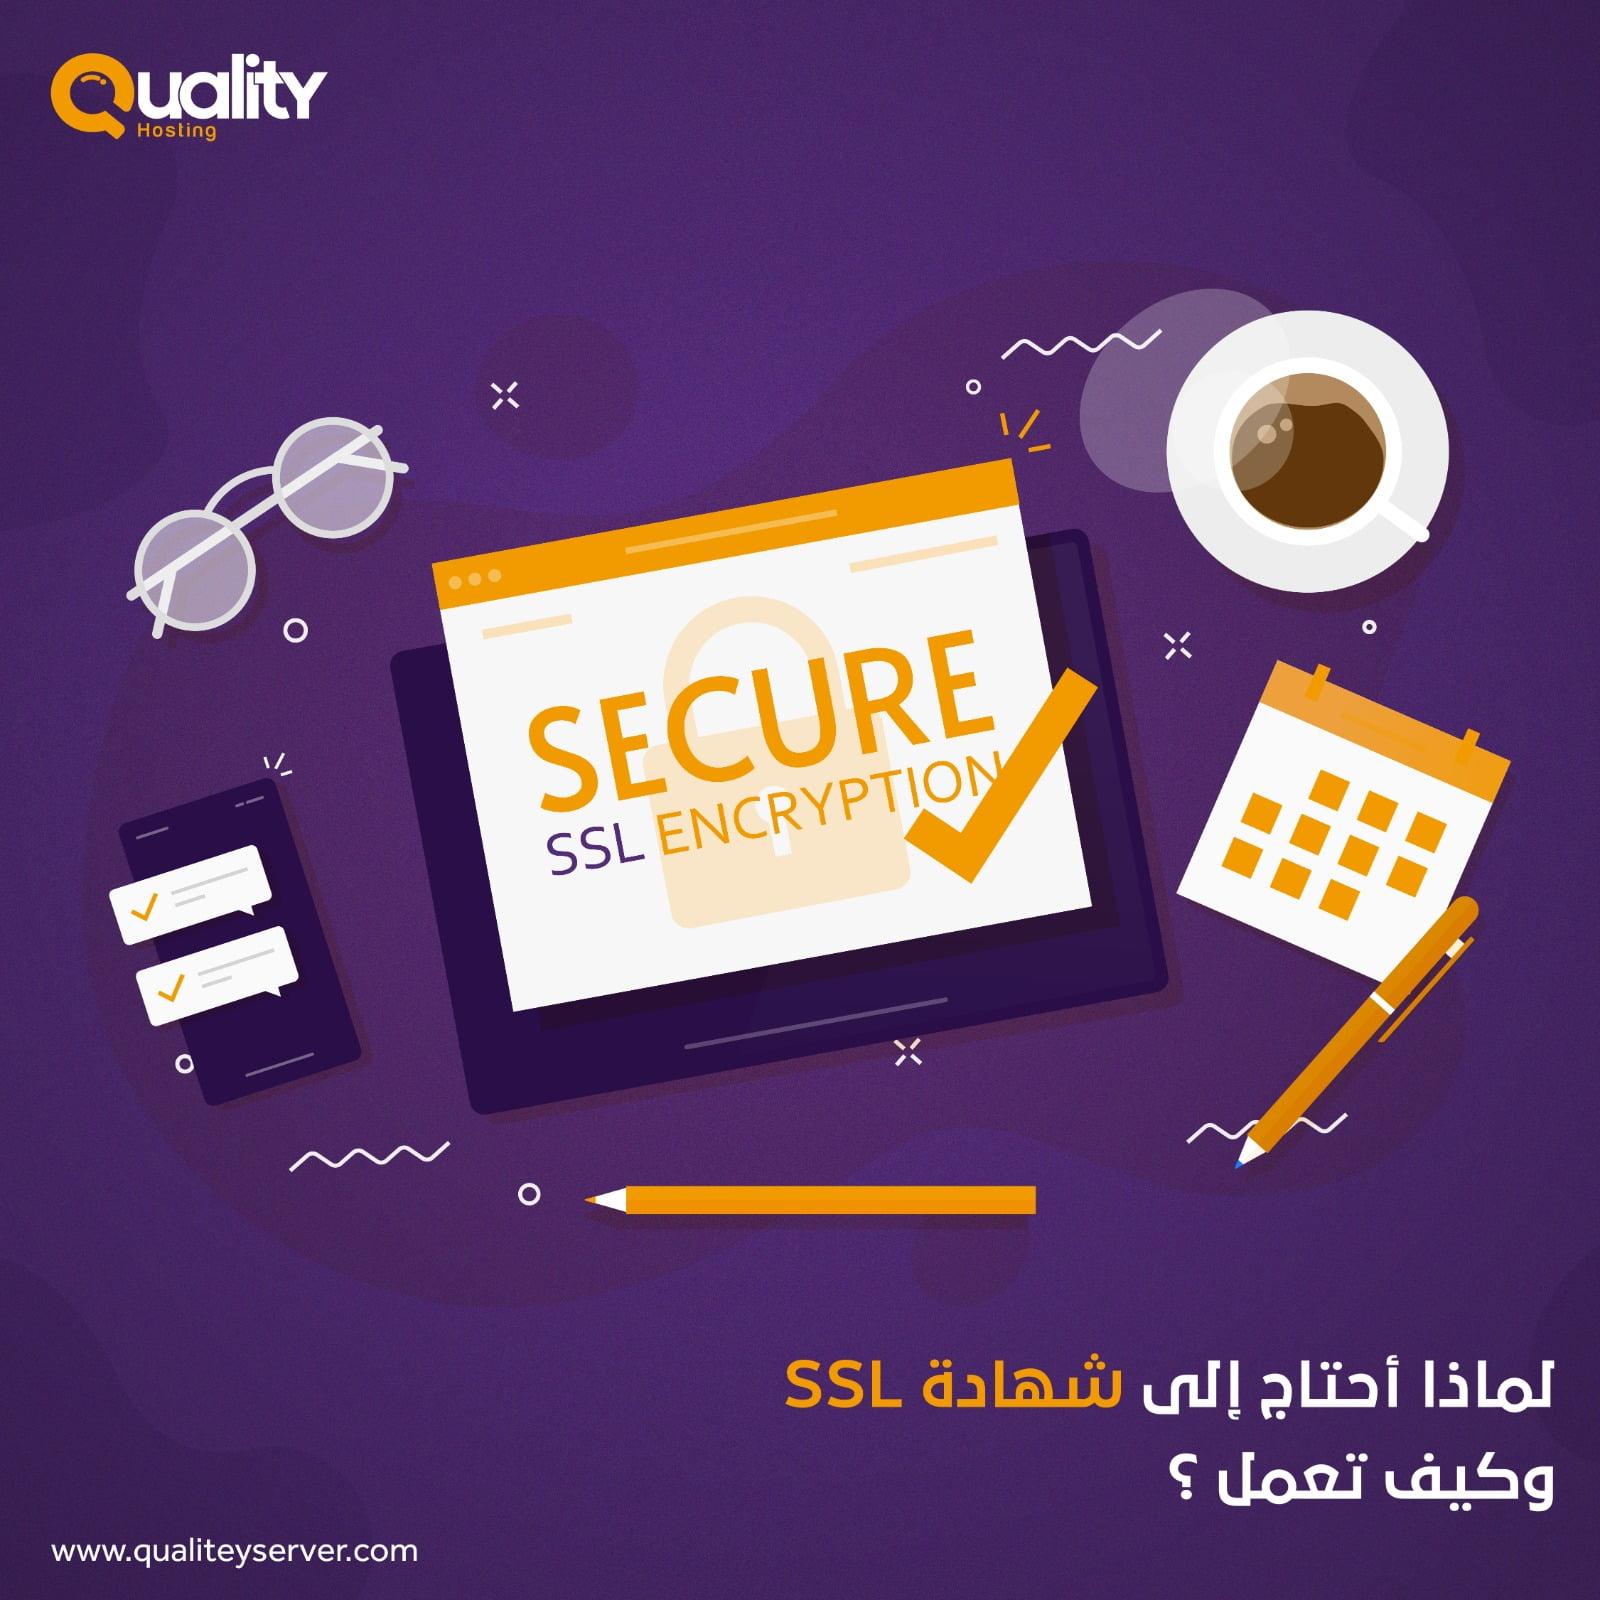 لماذا أحتاج إلى شهادة SSL وكيف تعمل